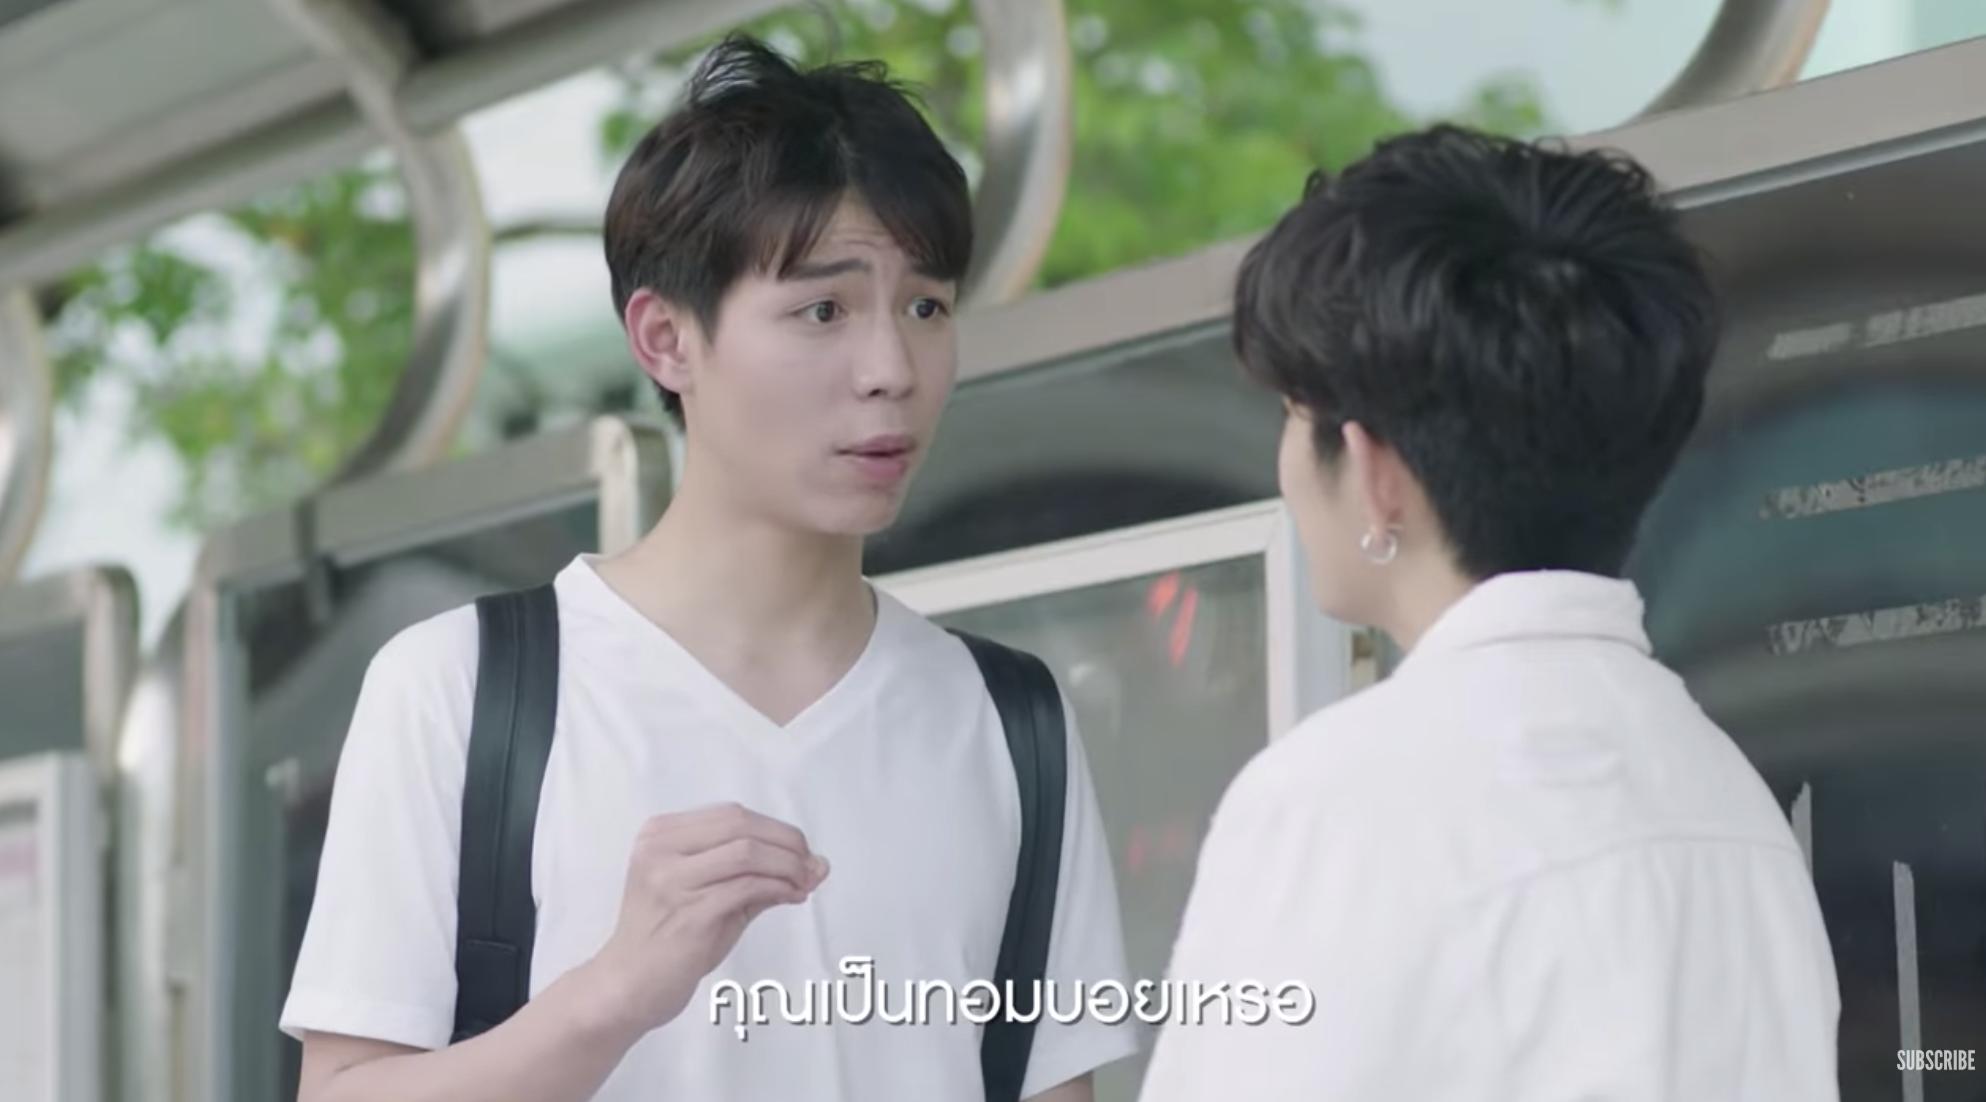 Jun Vũ bất ngờ xuất hiện liếc mắt đưa tình với HLV gốc Việt của The Face trong trailer phim Thái - Ảnh 6.